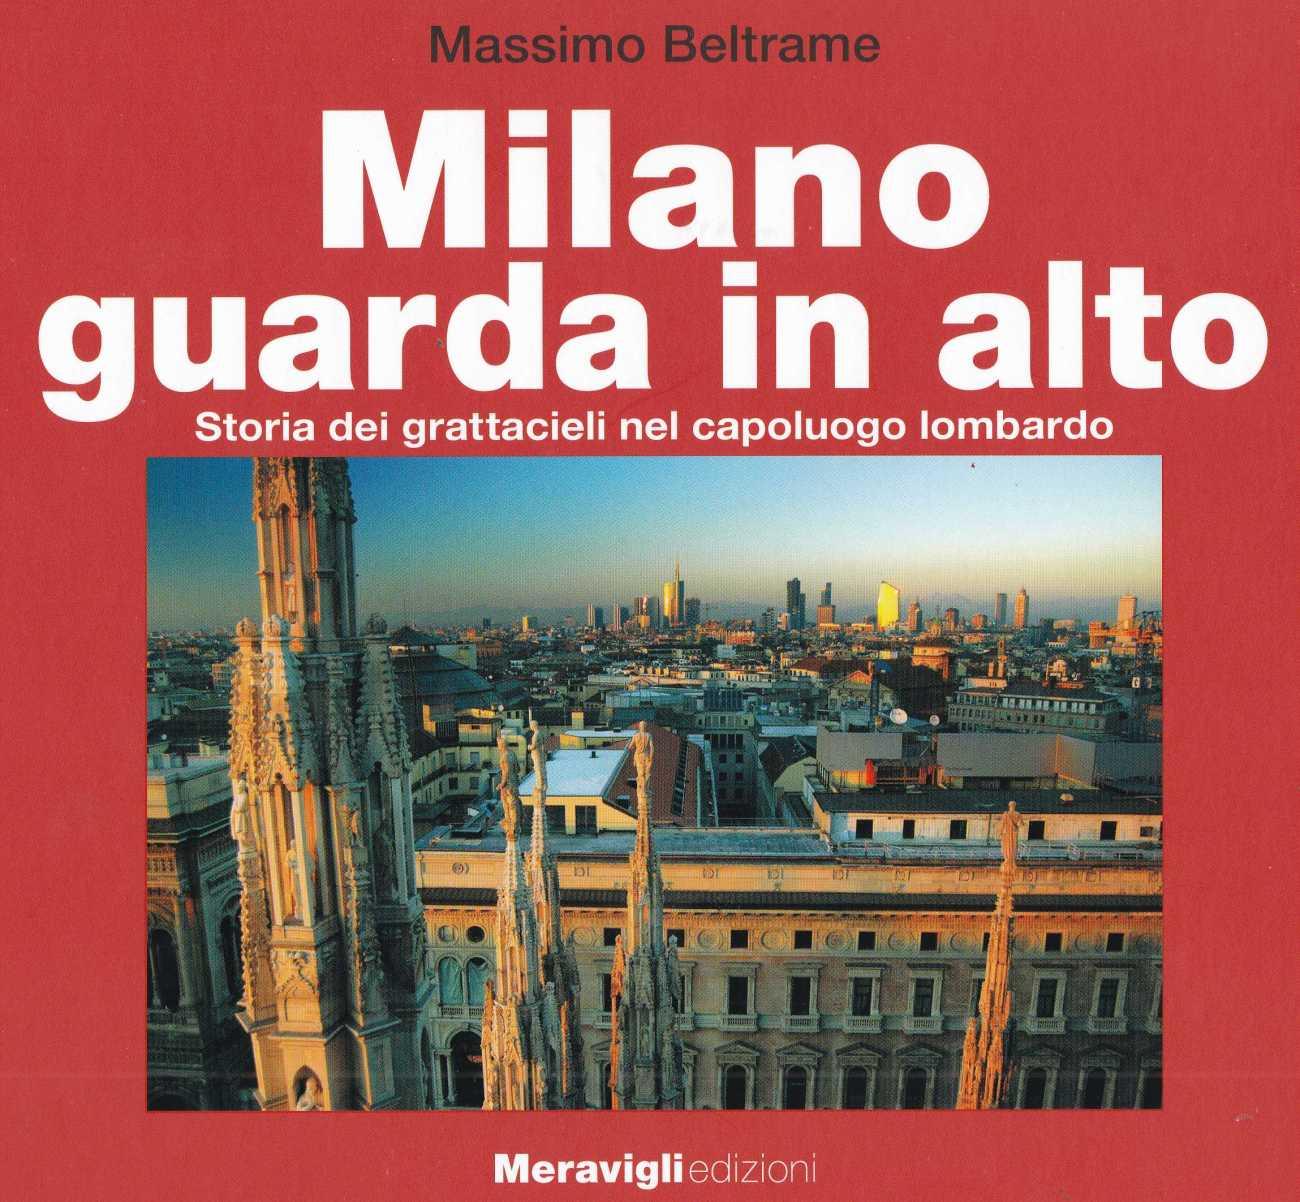 grattacieli milano3214